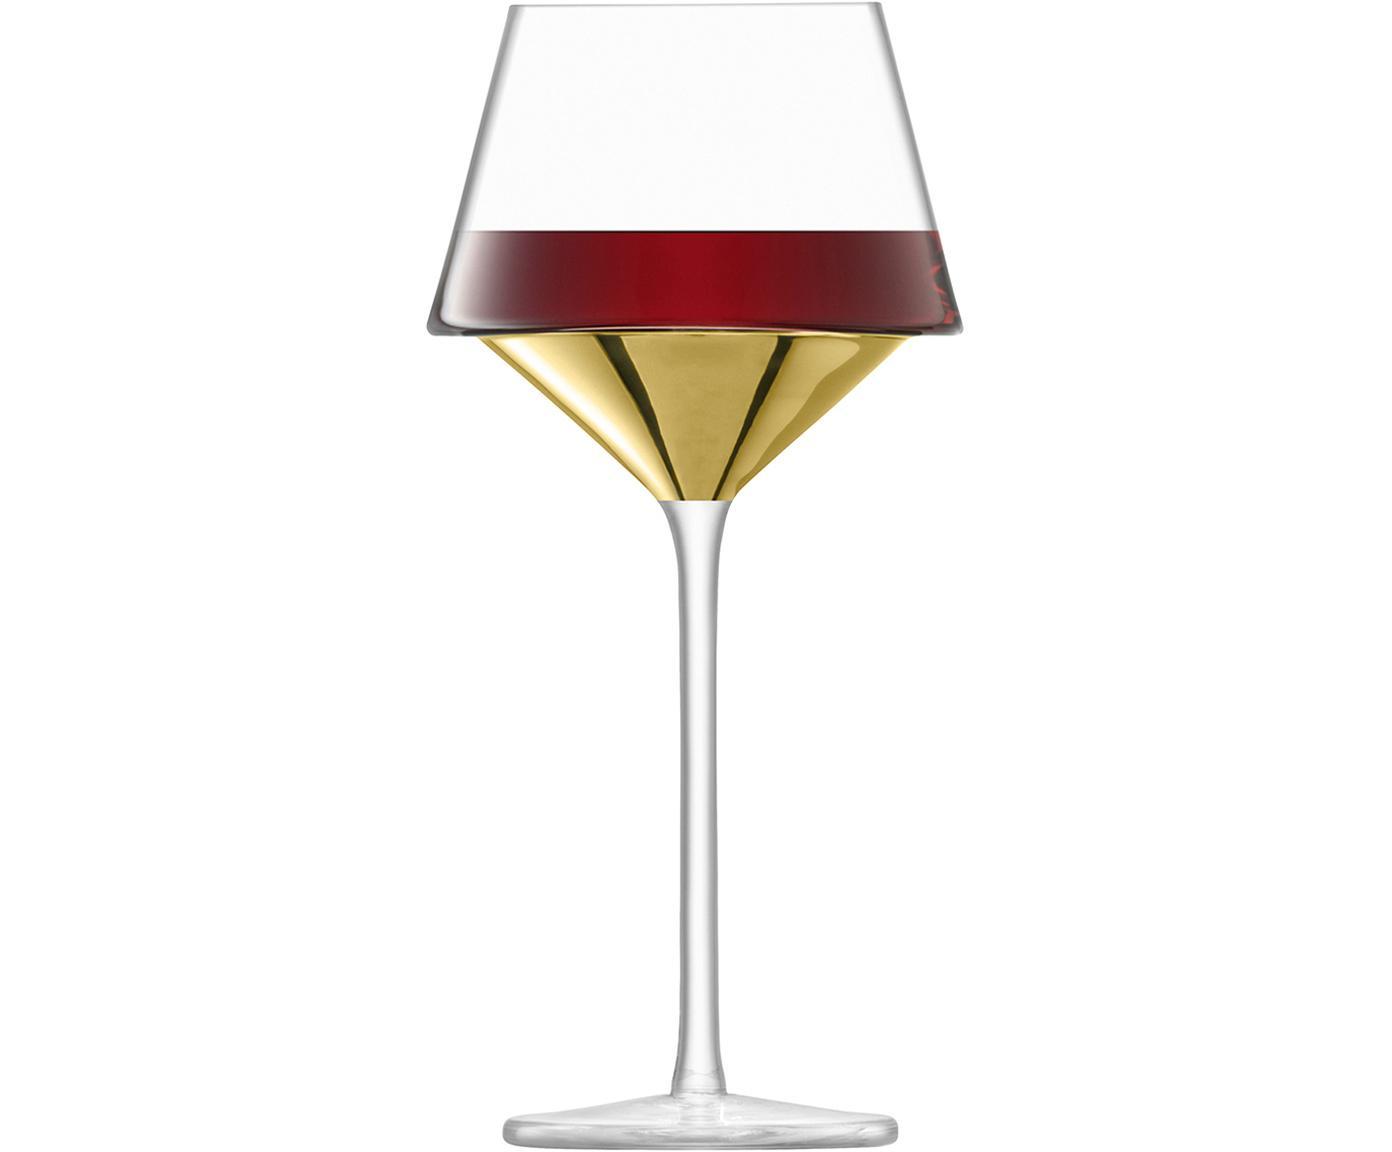 Kieliszek do czerwonego wina ze szkła dmuchanego Space, 2 szt., Szkło, Transparentny, odcienie złotego, Ø 11 x W 23 cm